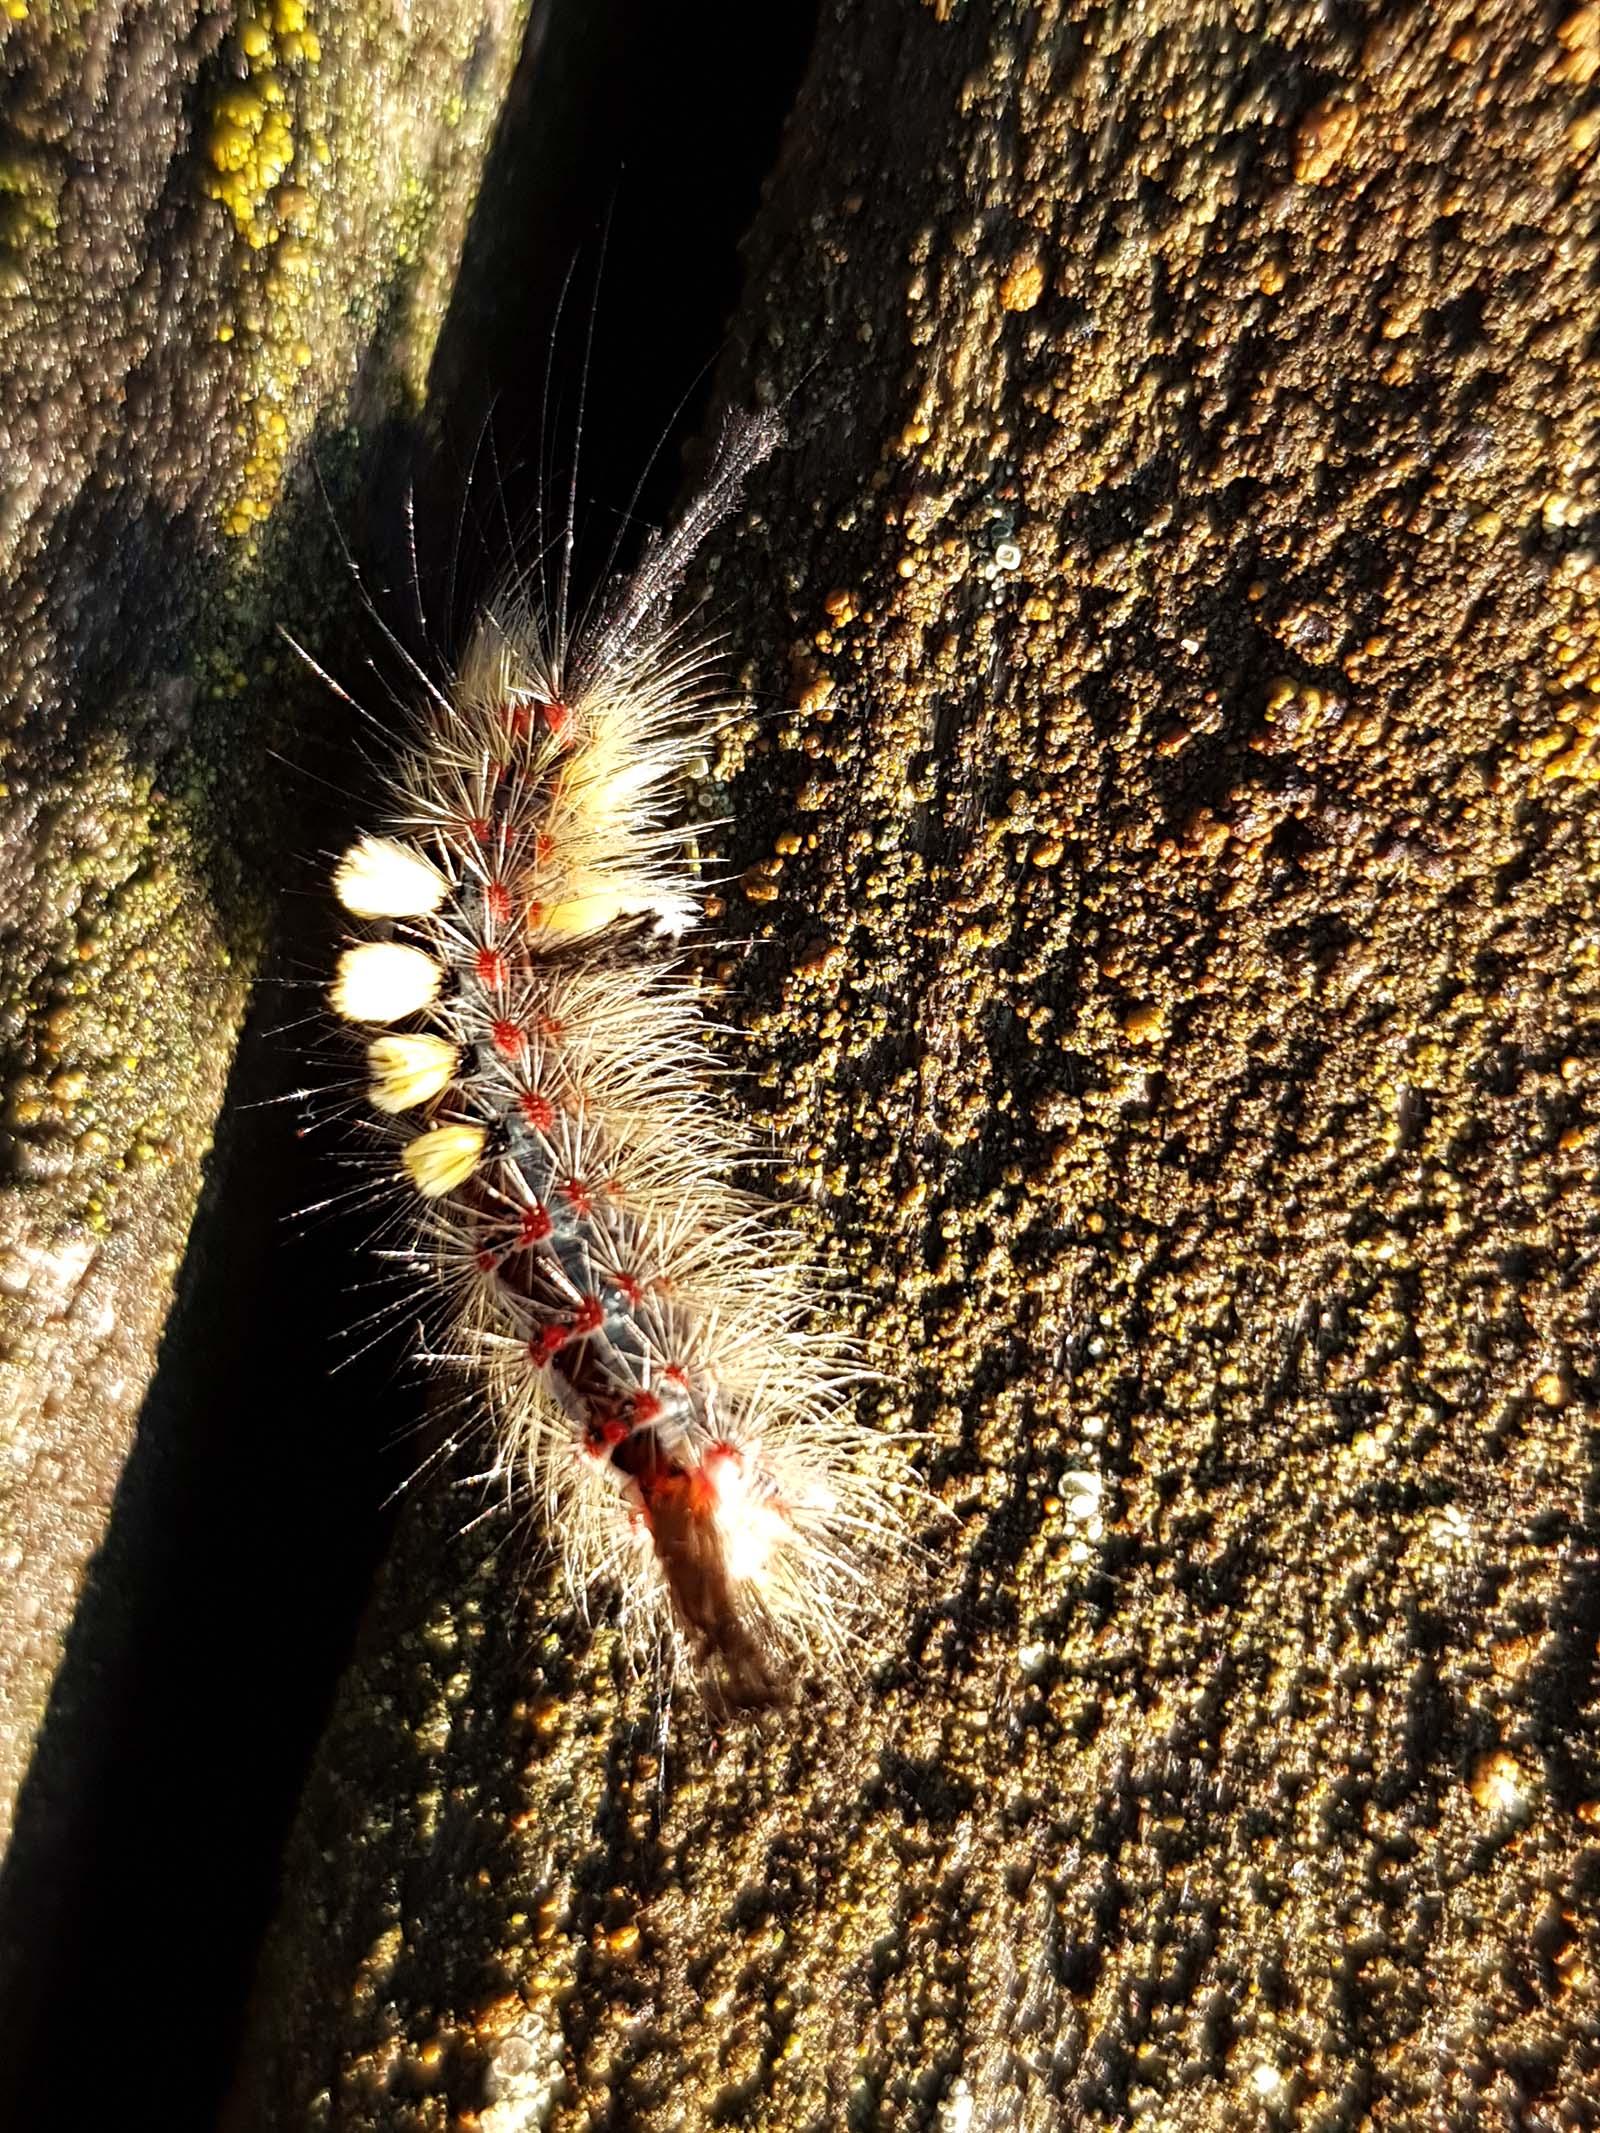 Schlehenbürstenspinner (Orgyia antiqua)